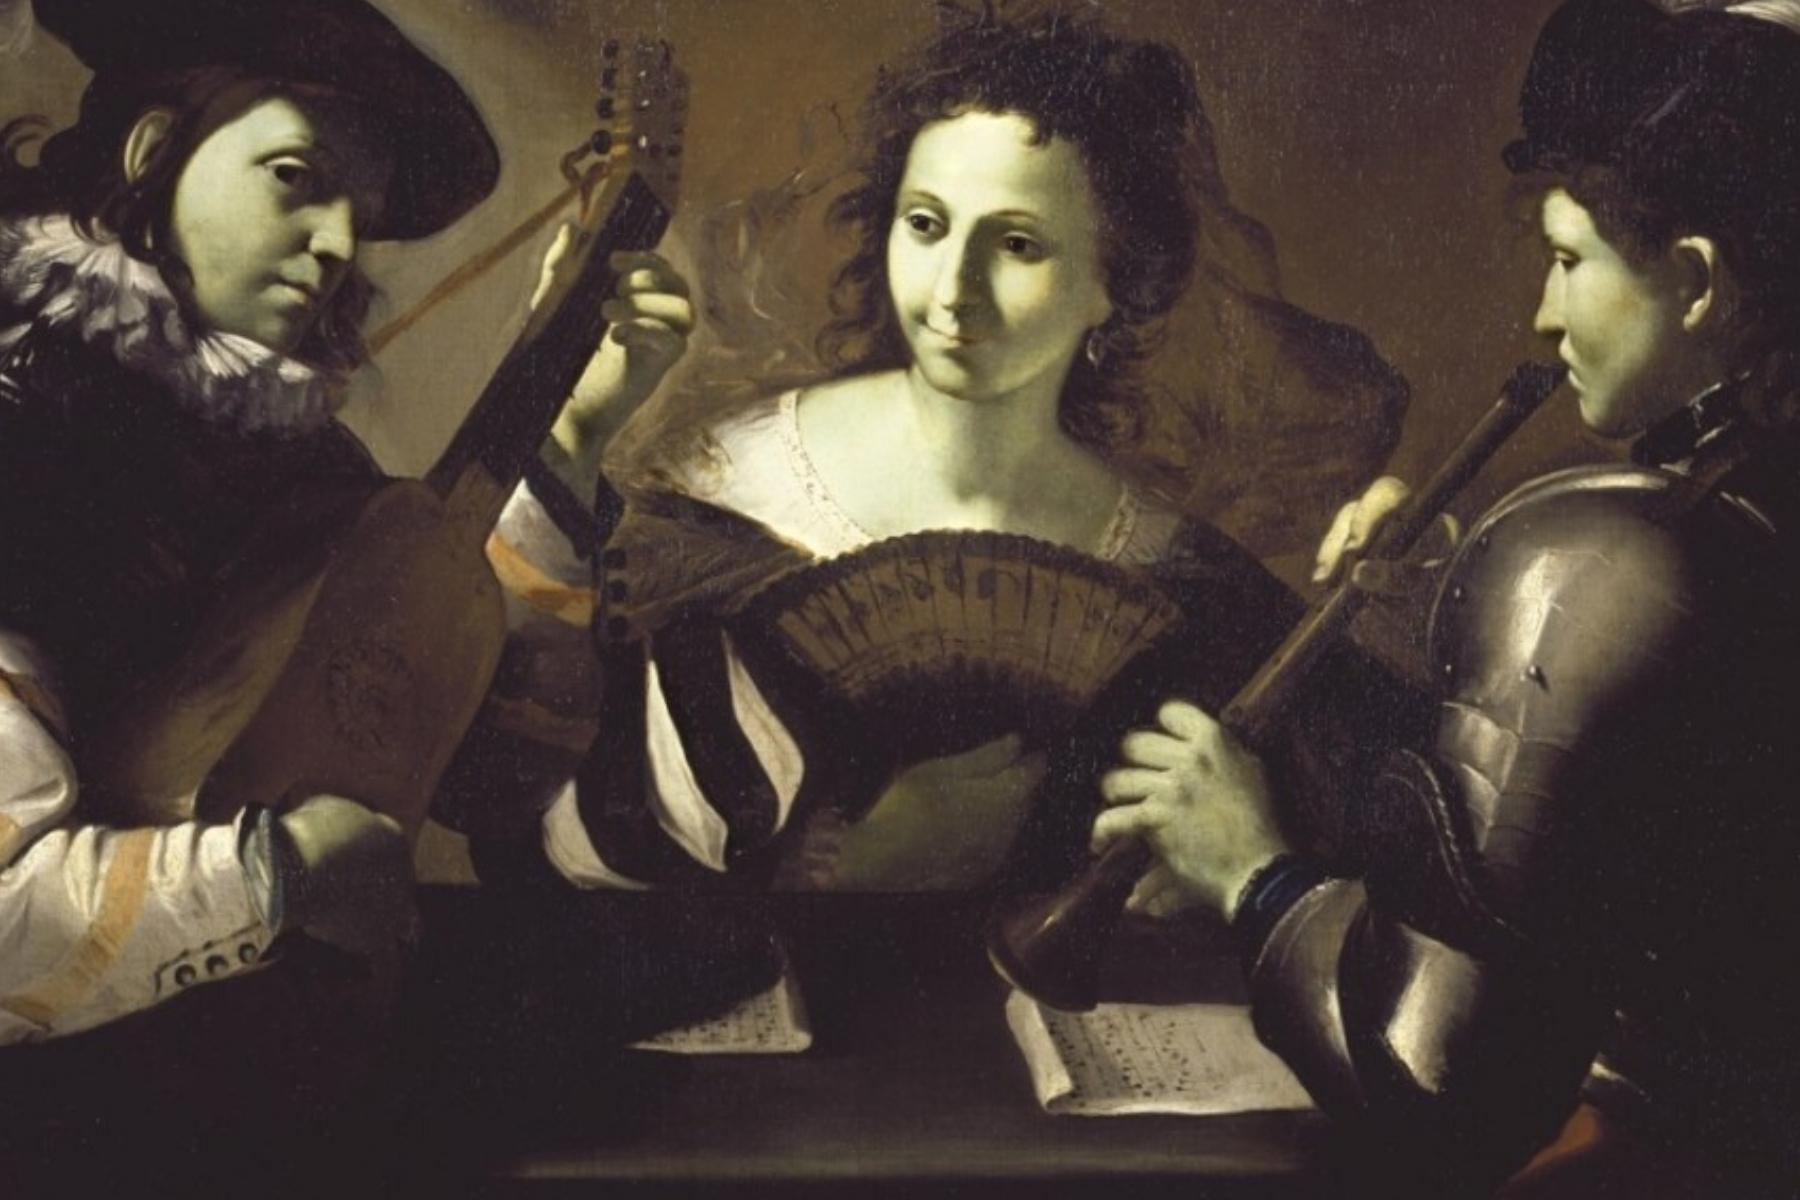 Mostra Caravaggio Morandi Milano